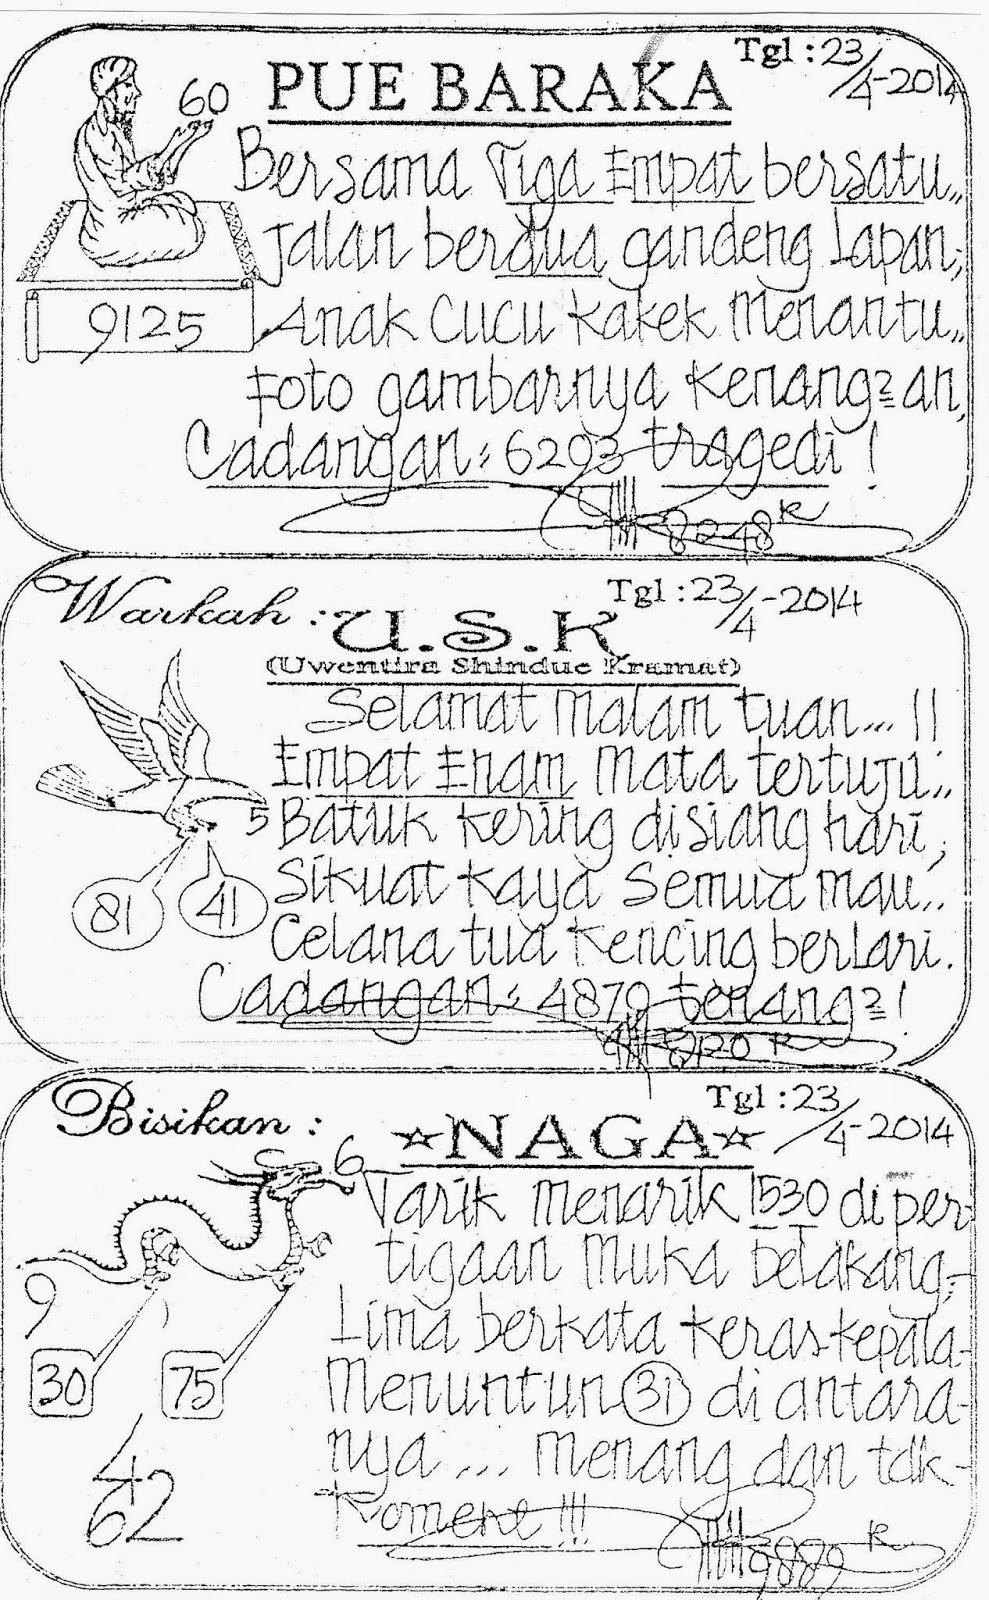 Prediksi dan syair singapura: PREDIKSI DAN SYAIR SGP RABU TGL 23/04/2014